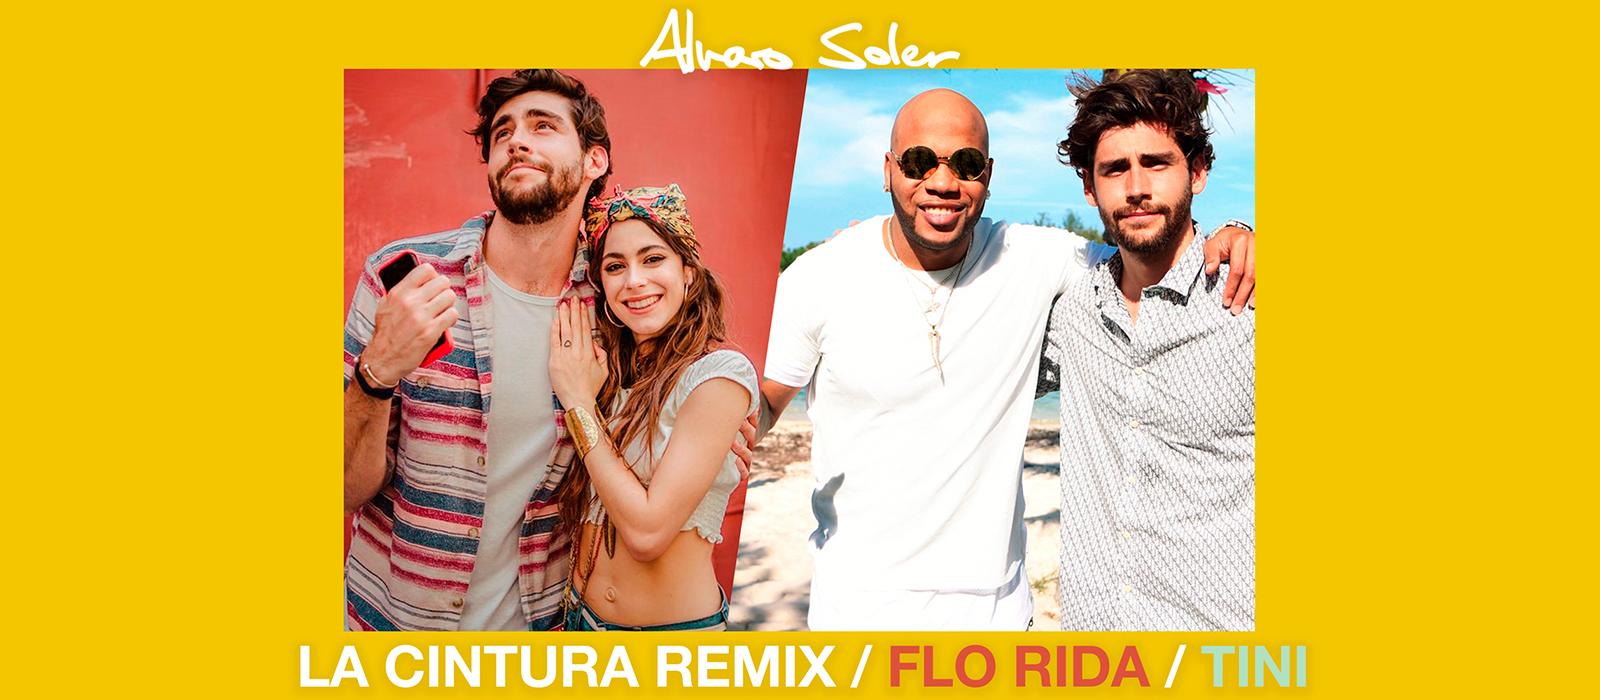 Llega el remix de 'La Cintura', el hit mundial de Alvaro Soler junto a FloRida y Tini